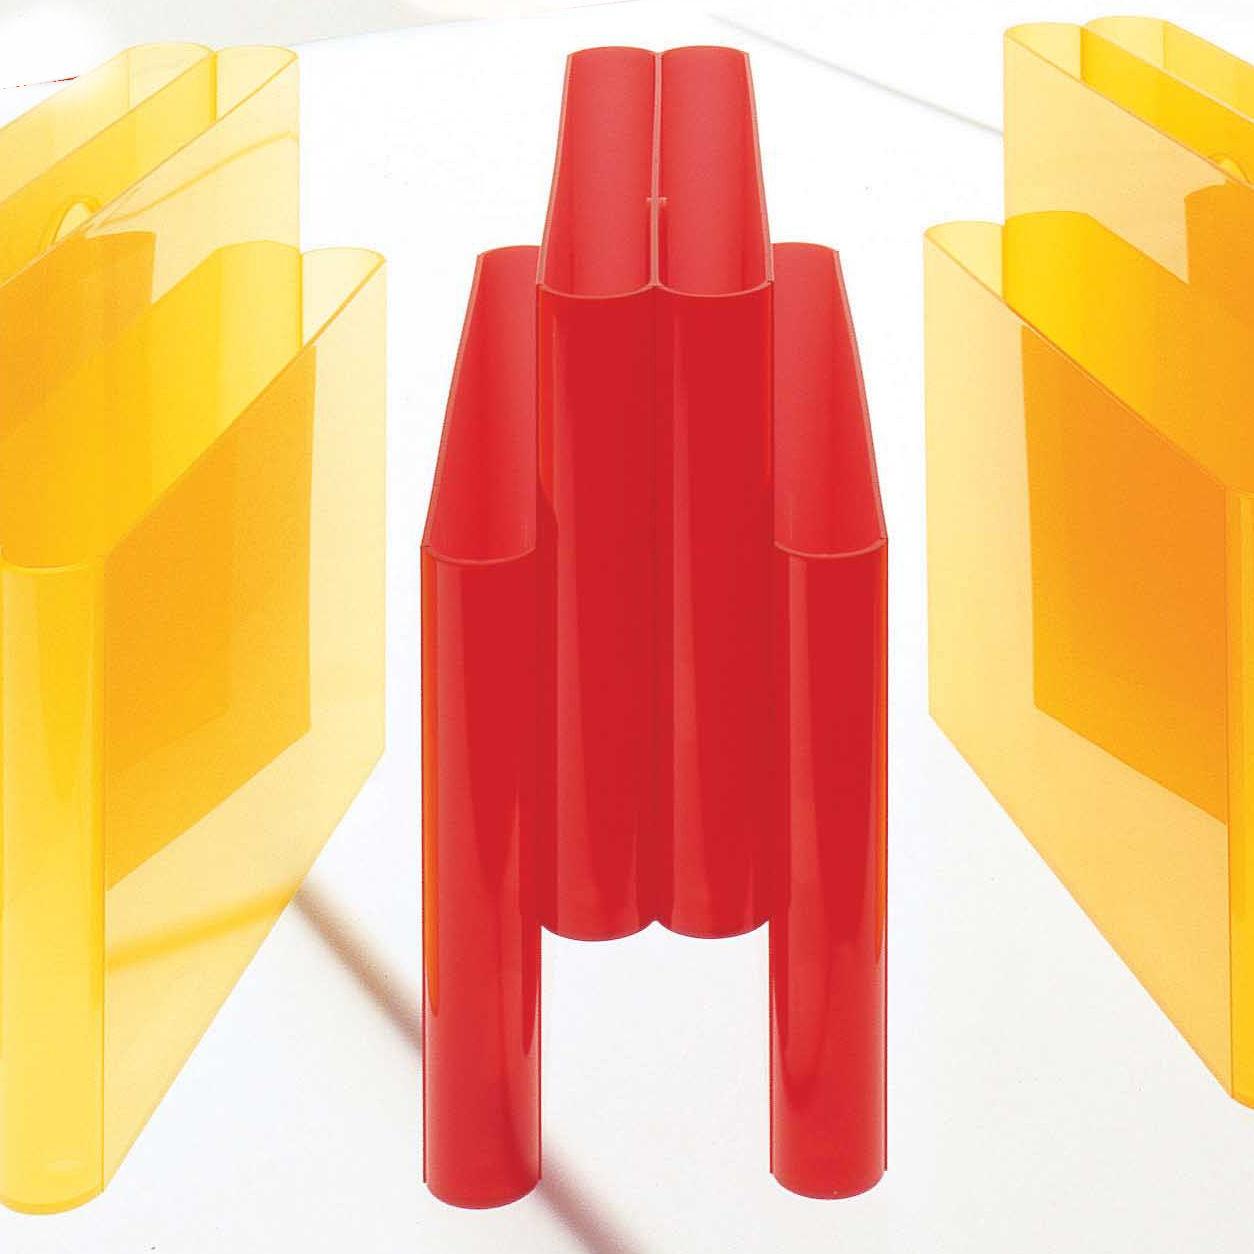 Porte revues rouge orang kartell - Porte revue kartell ...